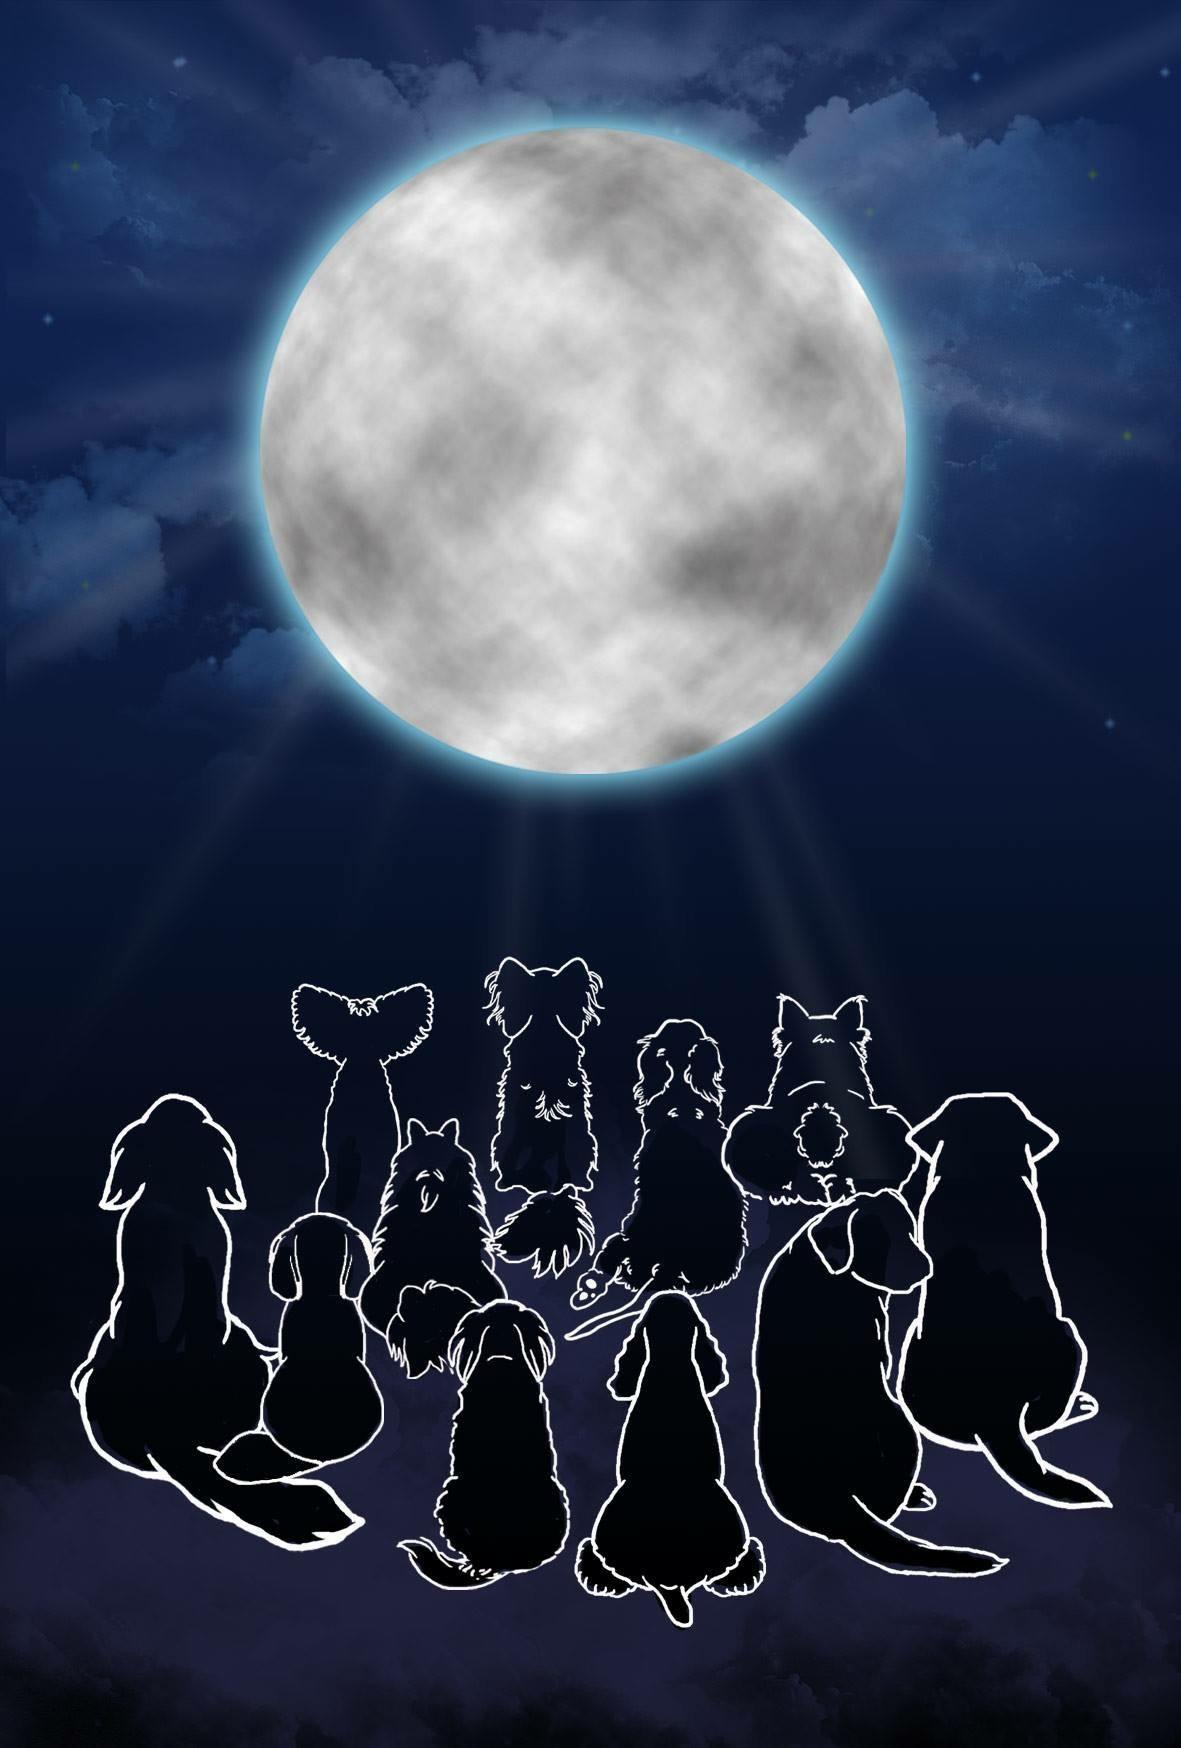 水瓶座新月、動物達からのメッセージ